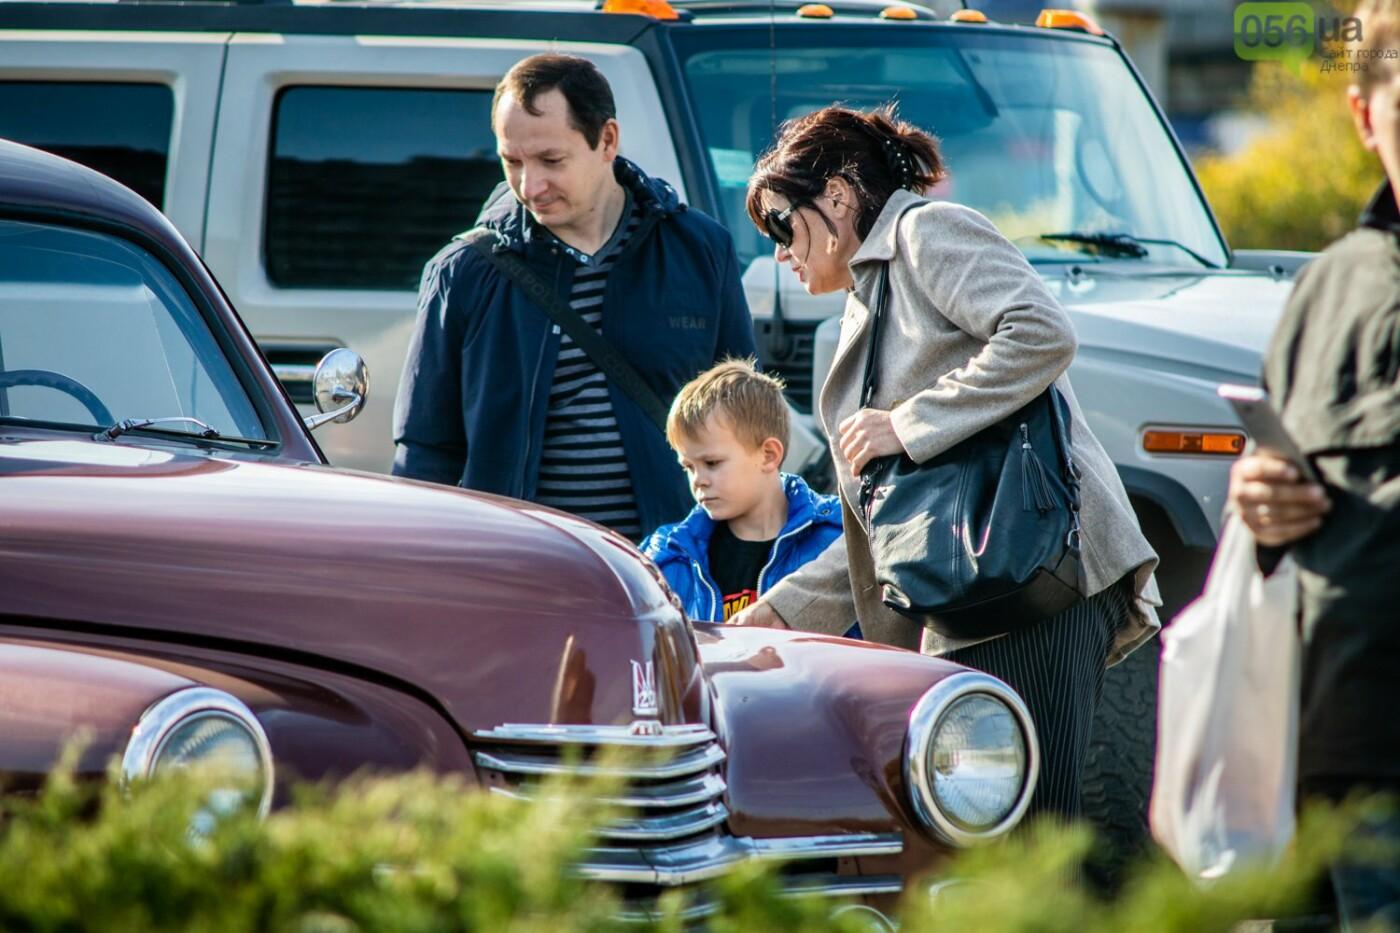 «Реставрация – это недешевое хобби»: как в Днепре проходит встреча владельцев ретро-автомобилей, - ФОТОРЕПОРТАЖ, фото-8